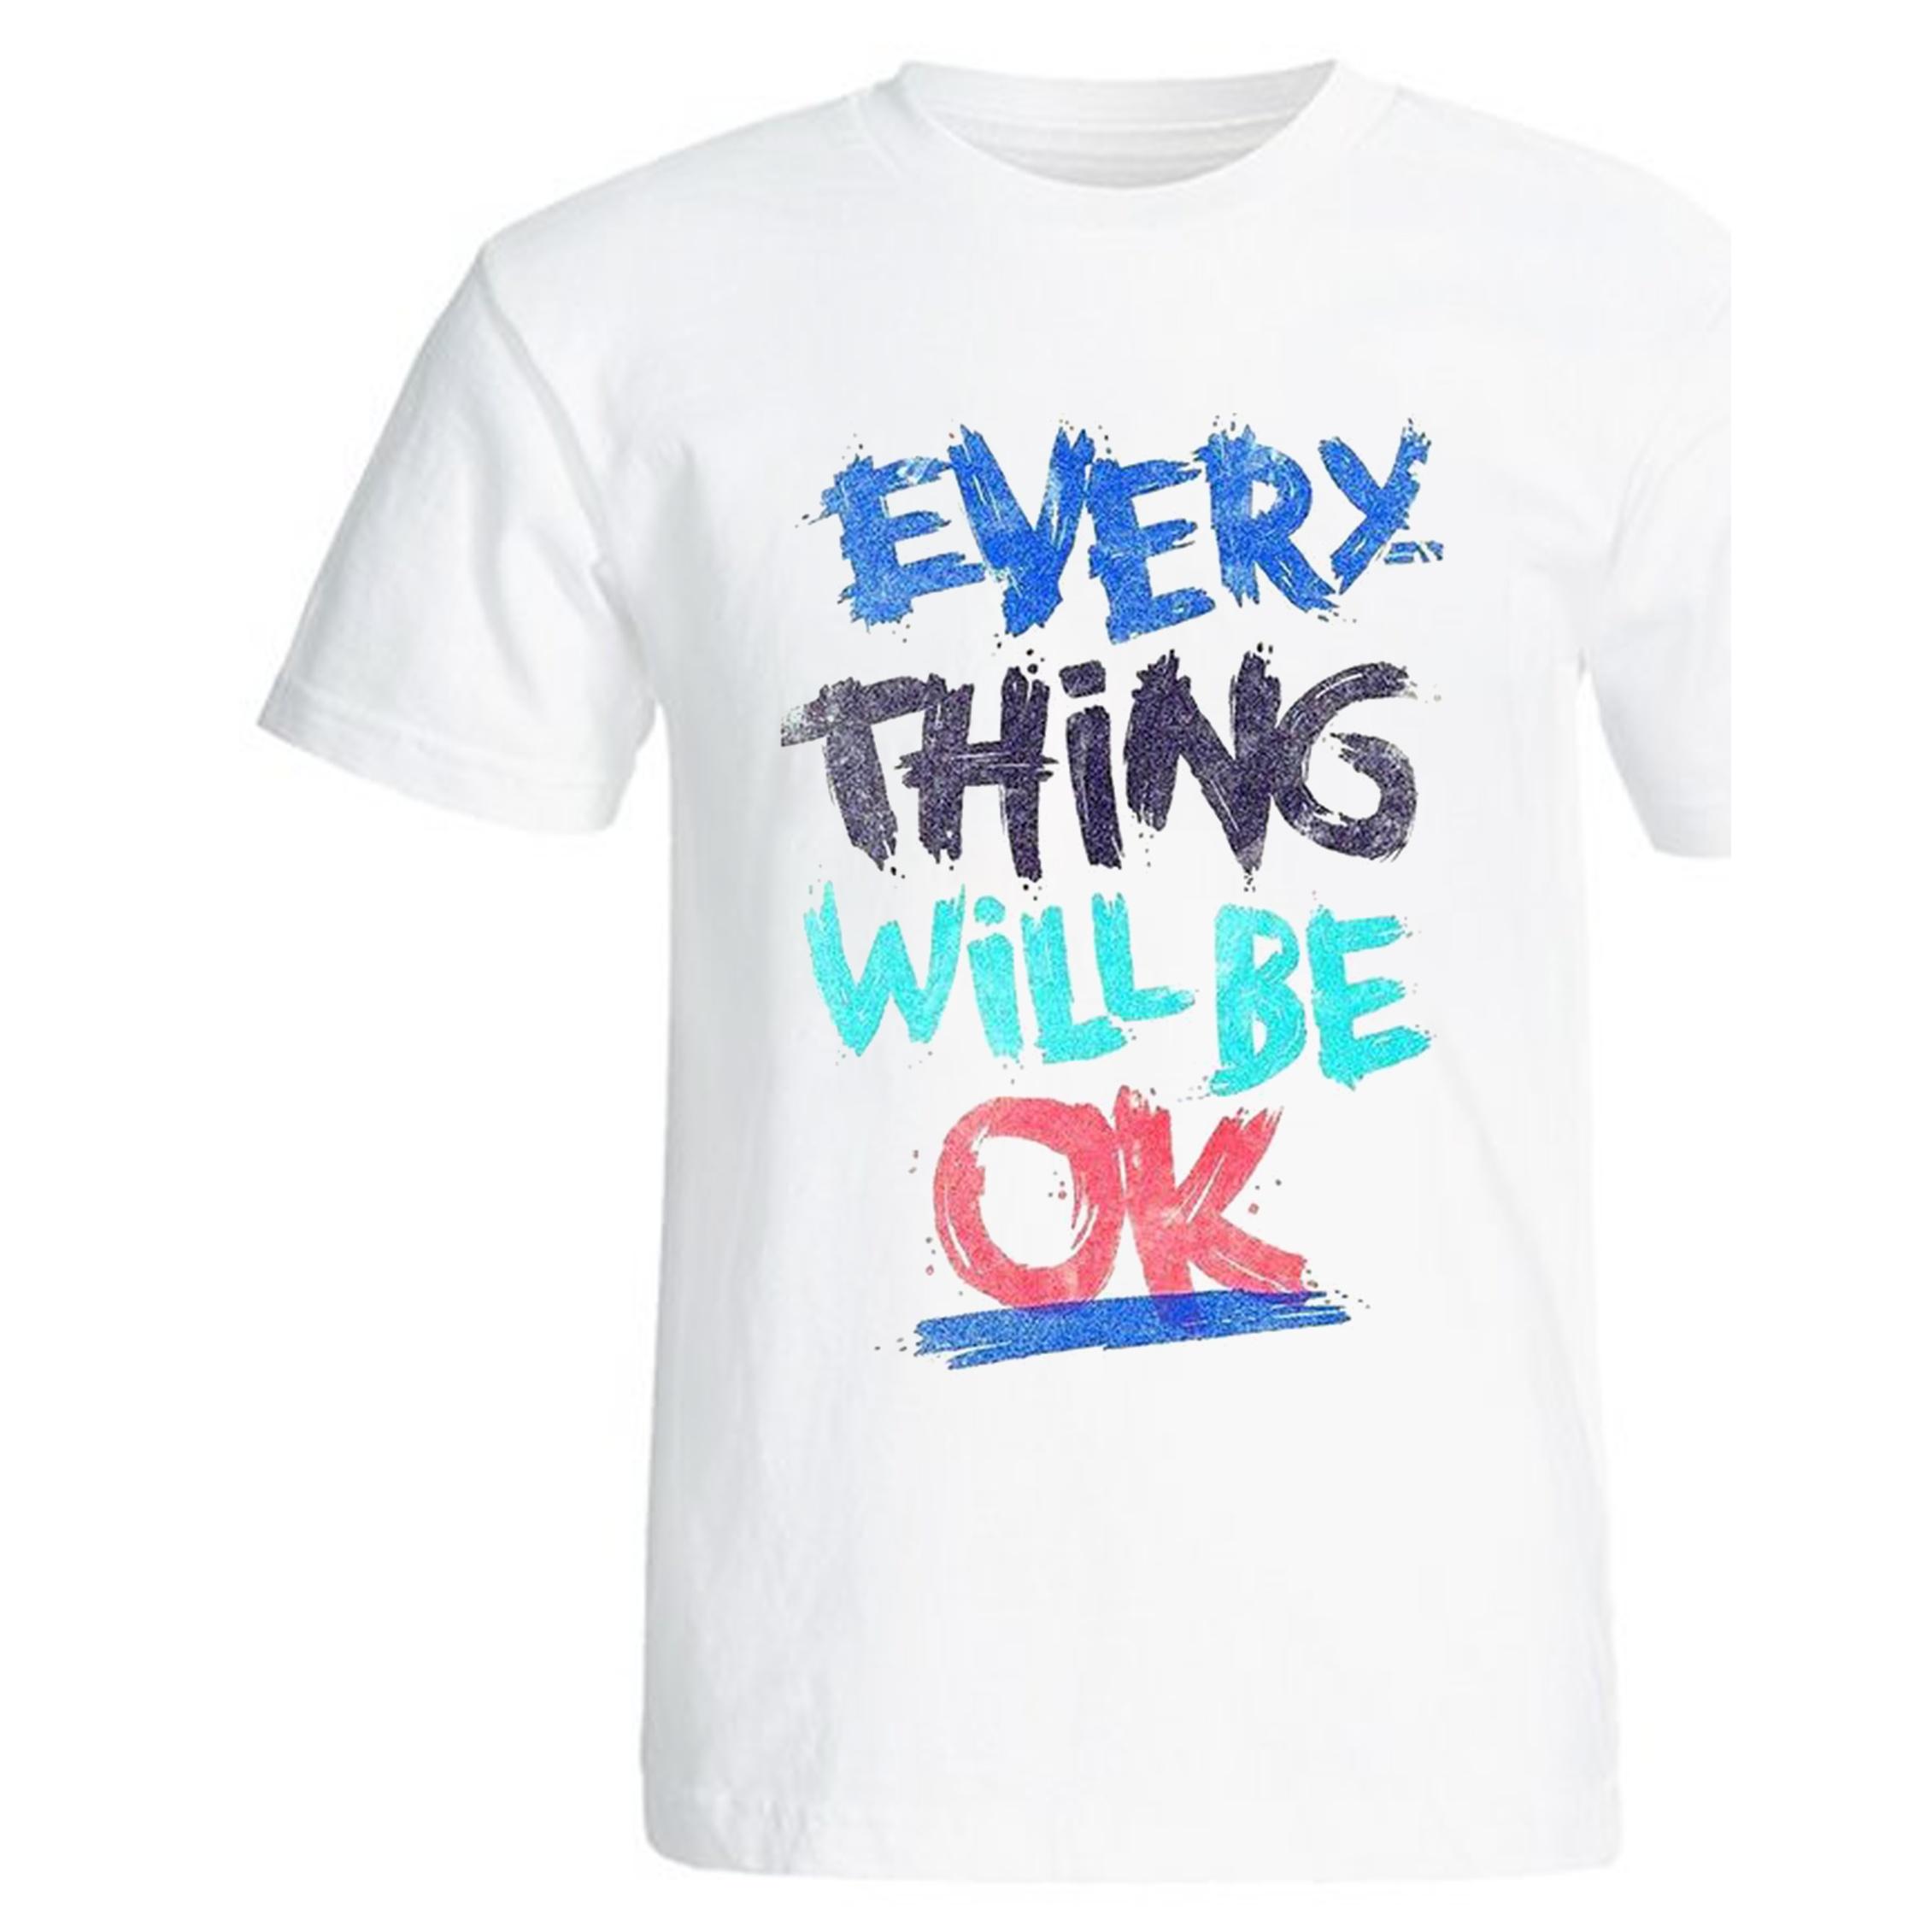 تصویر تی شرت آستین کوتاه زنانه کد Zw671